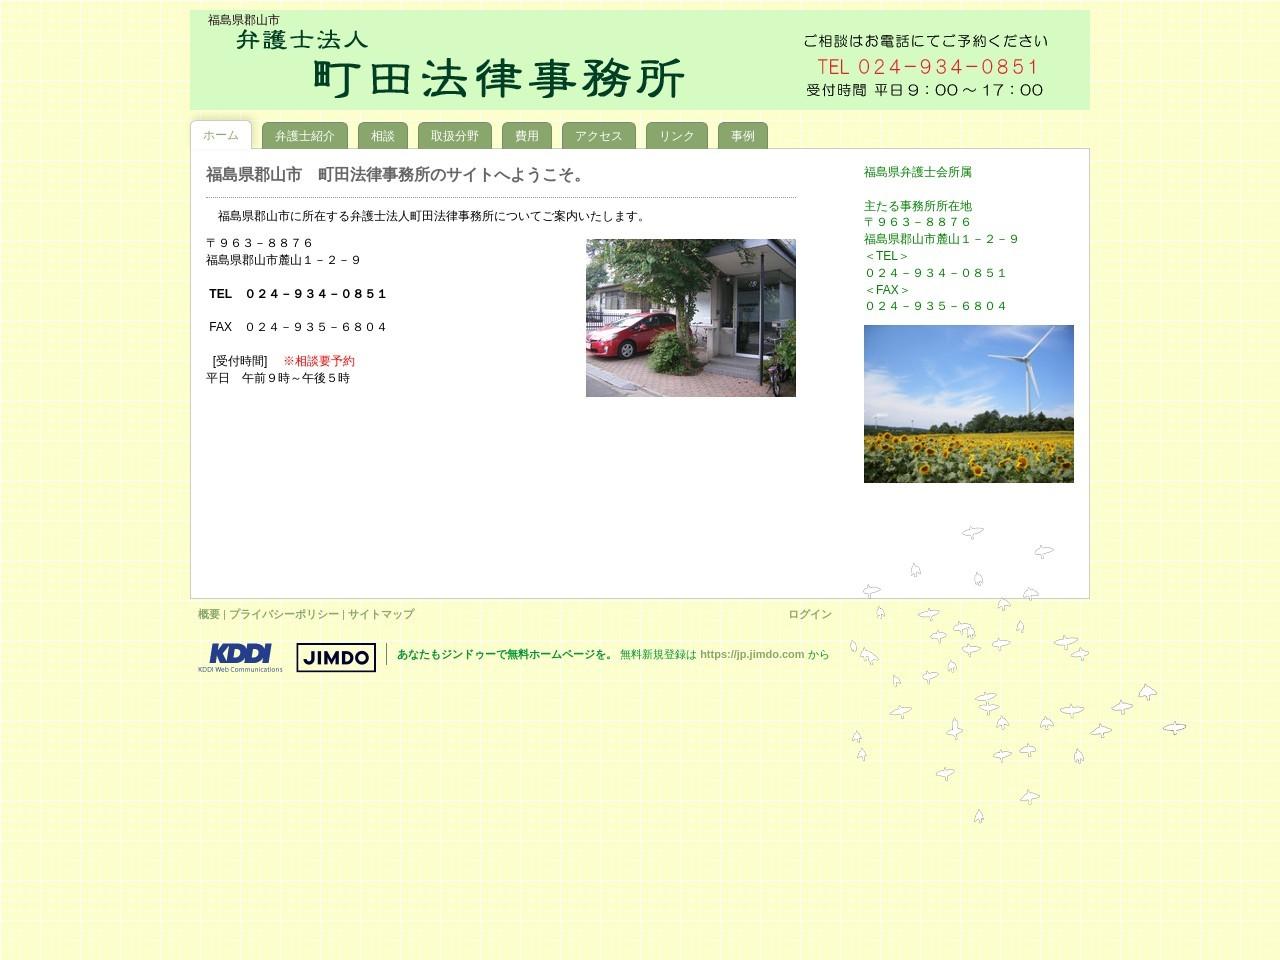 町田法律事務所(弁護士法人)